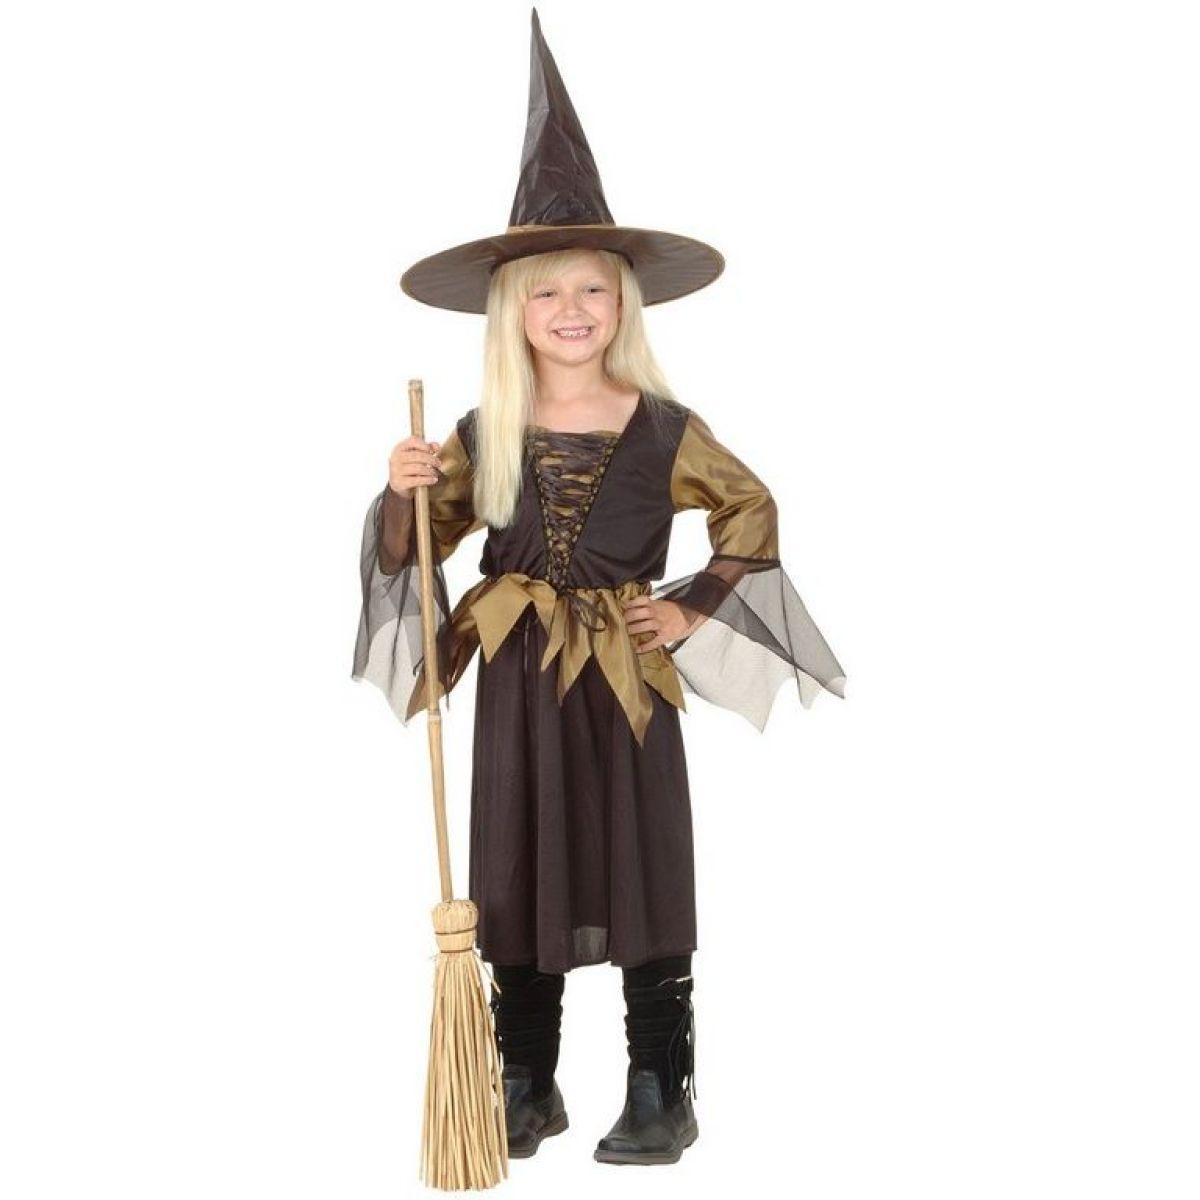 Made Dětský karnevalový kostým Čarodějnice L 130 - 140 cm MaDe